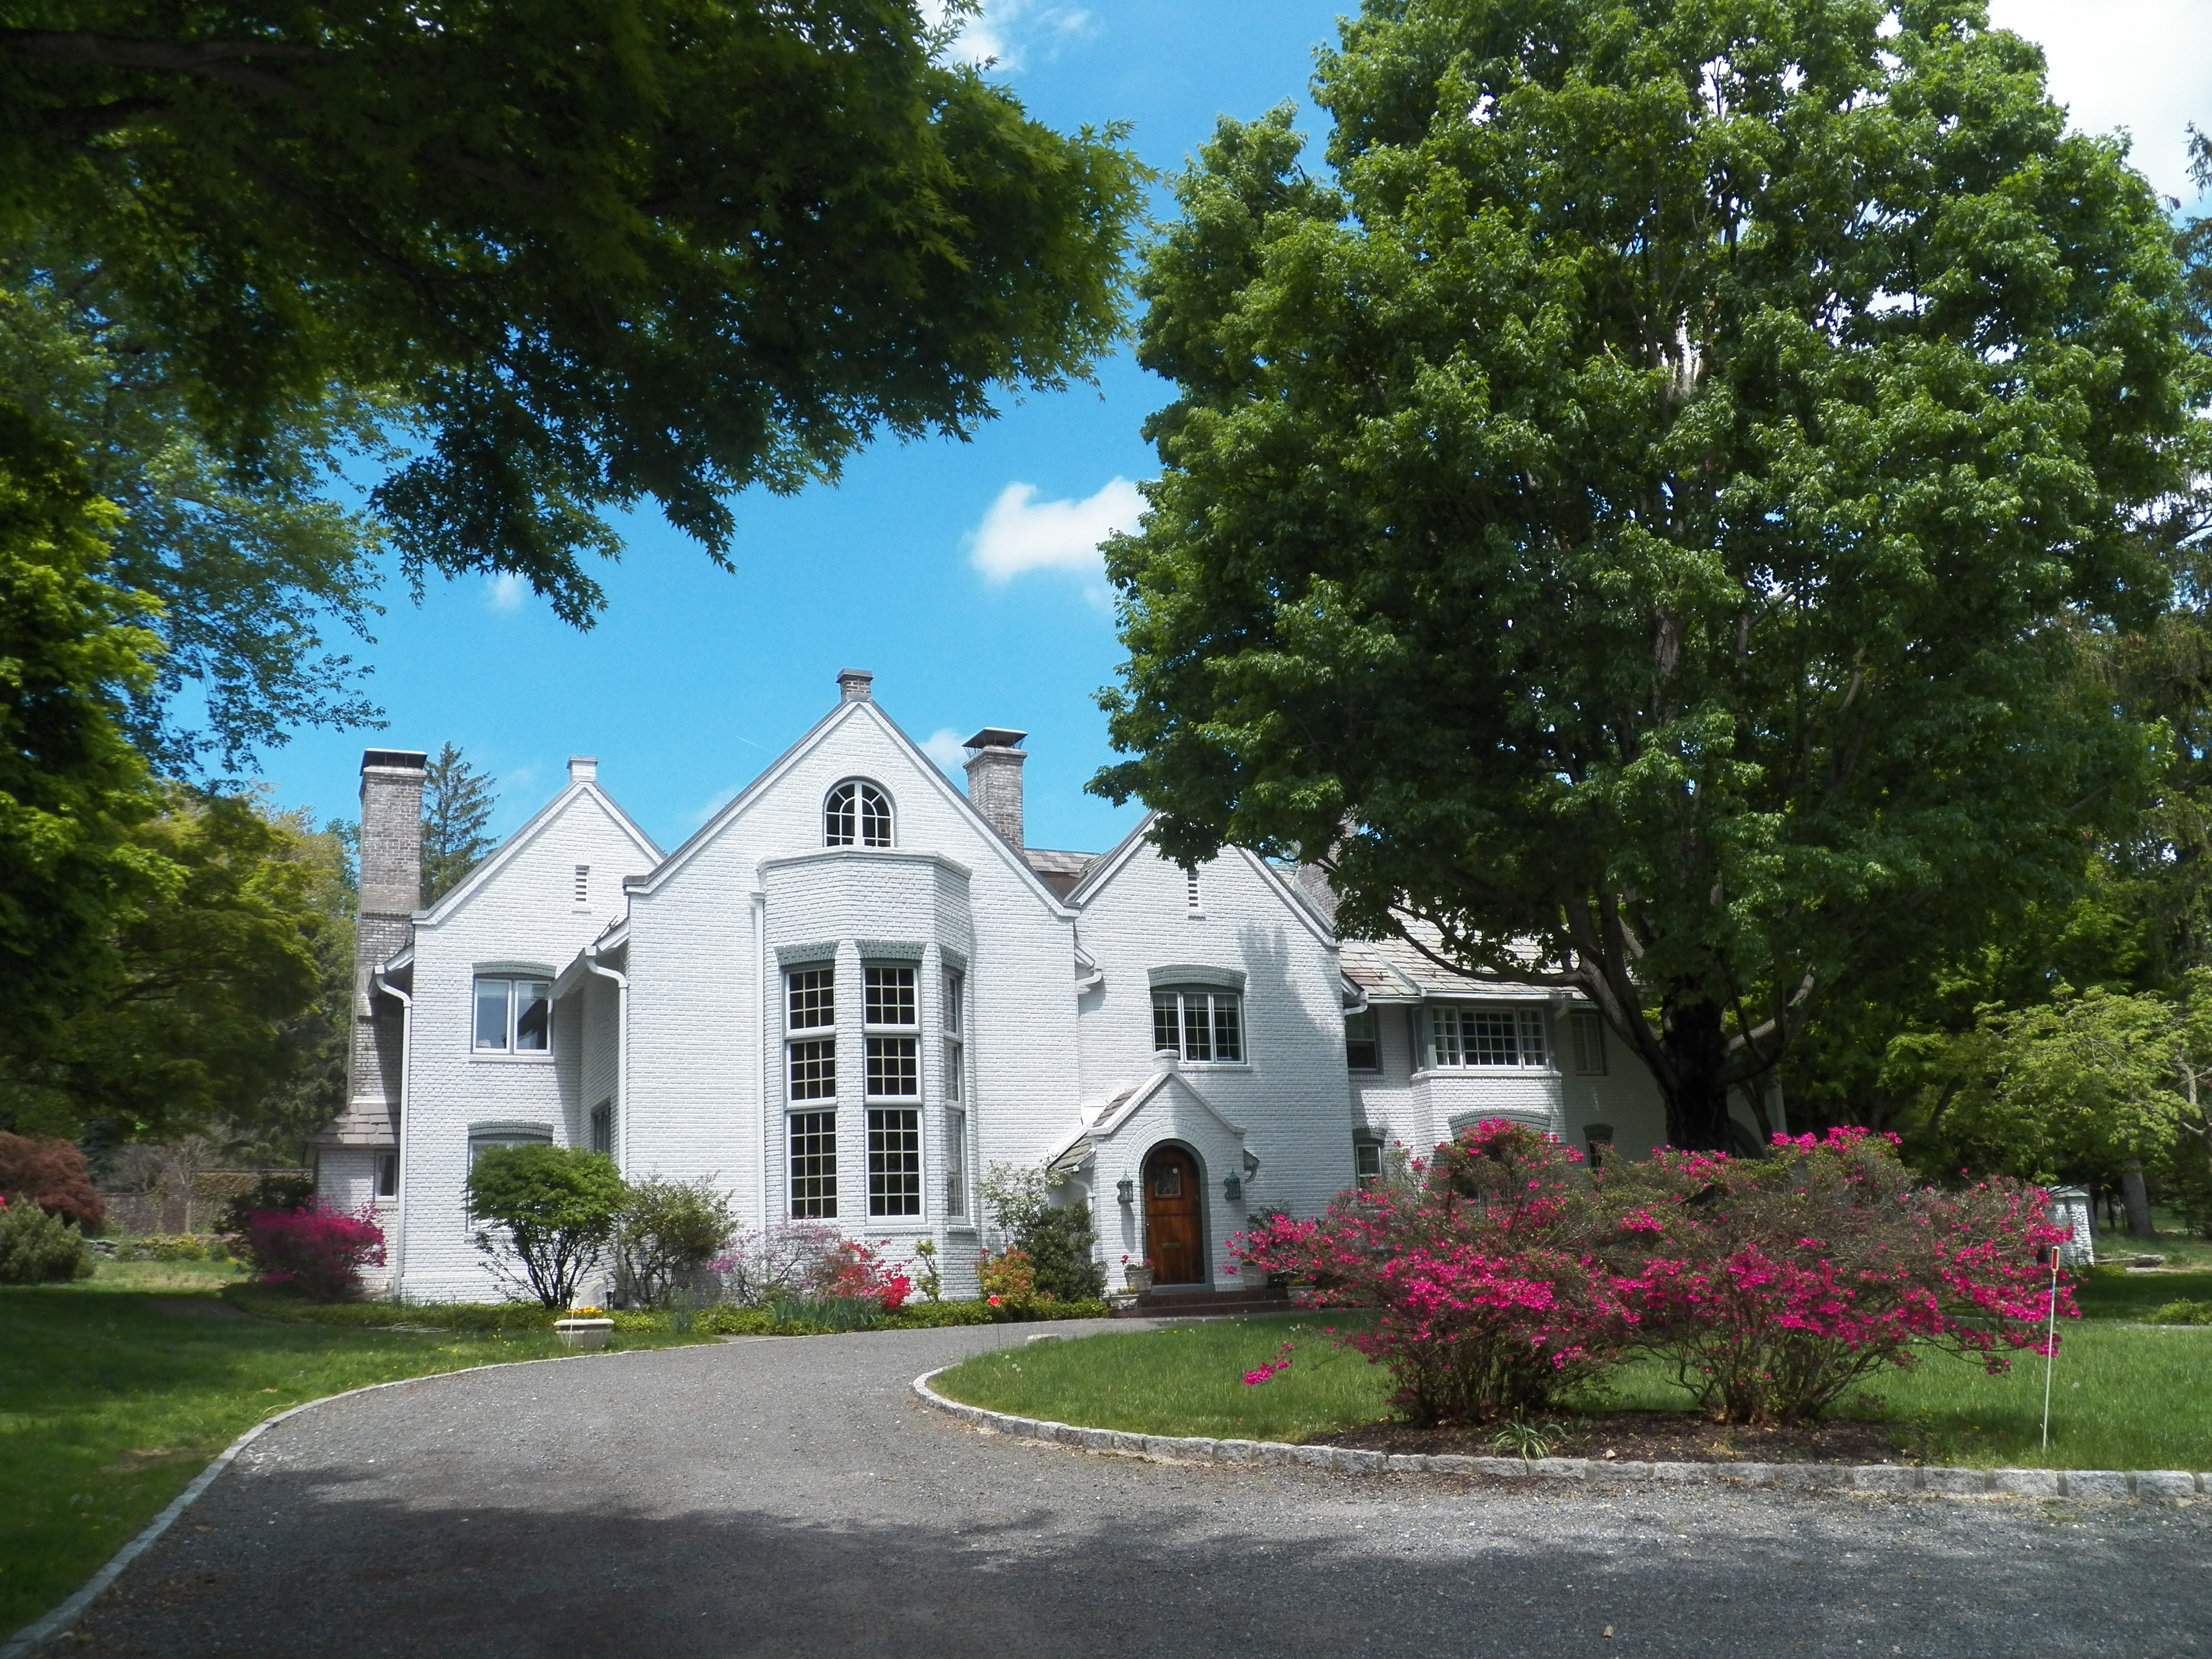 Maison unifamiliale pour l Vente à Elegant Old World Estate 1 Belmont Drive Irvington, New York 10533 États-Unis